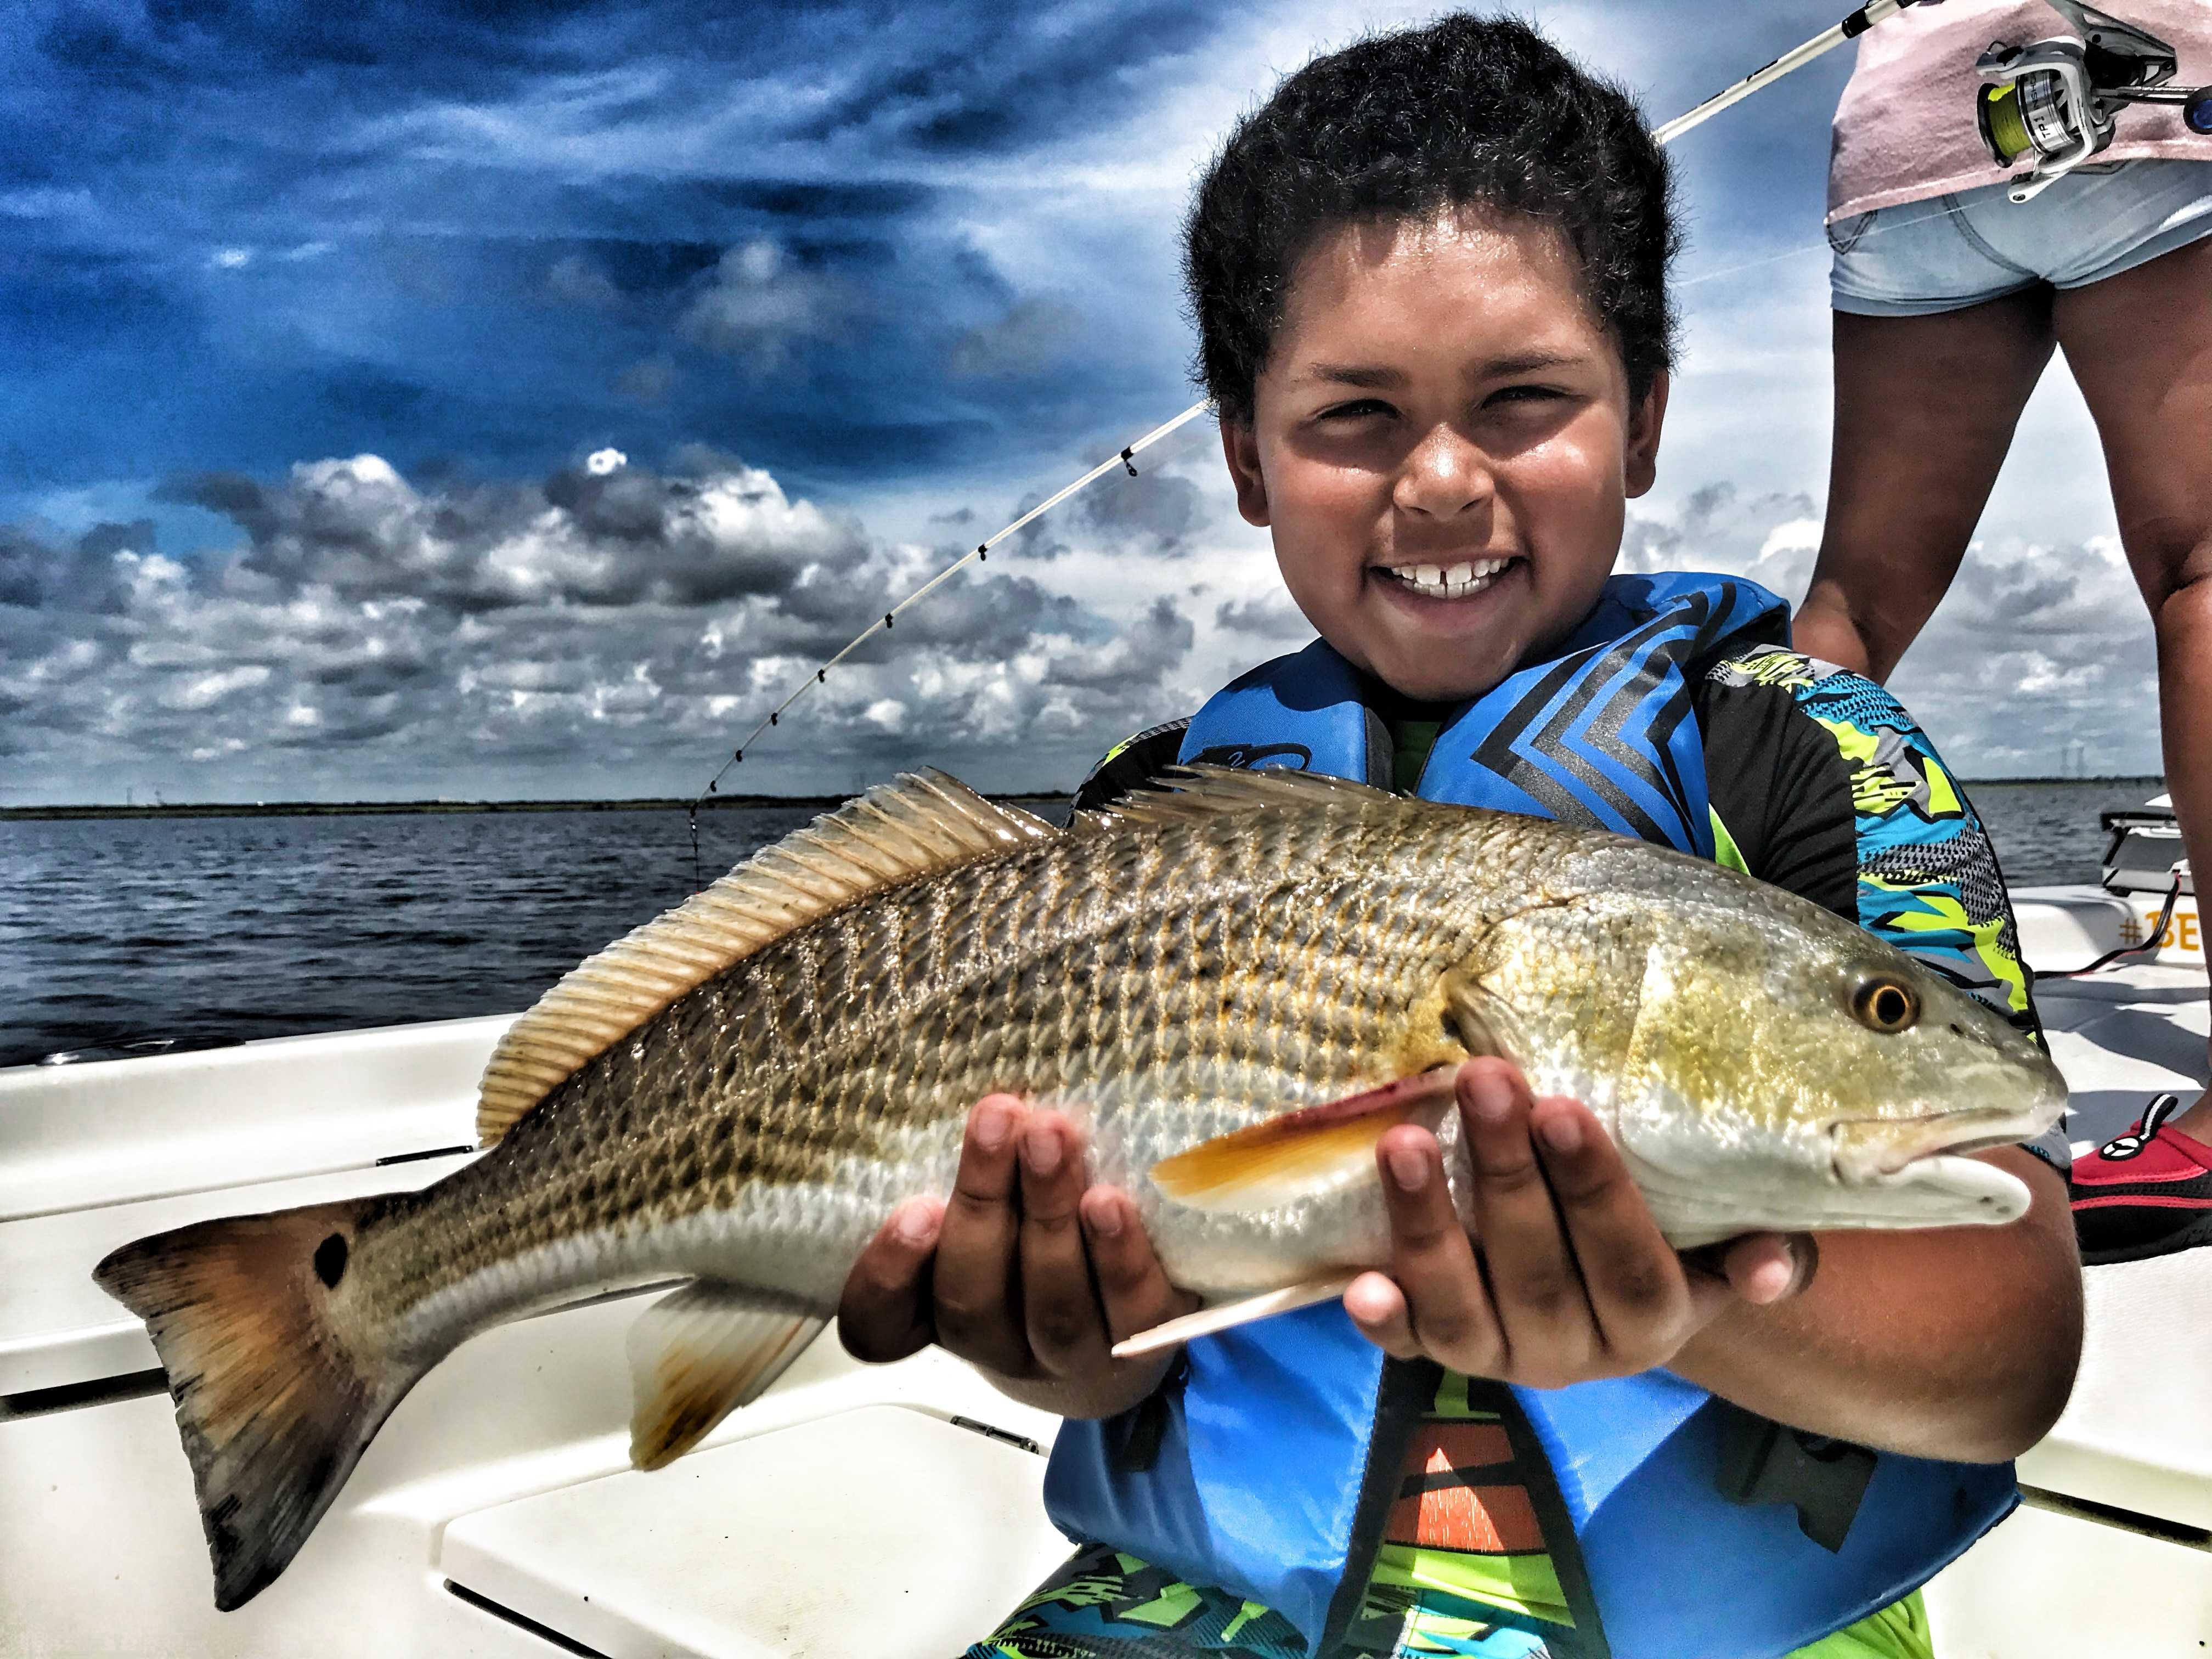 child-holding-redfish-on-boat